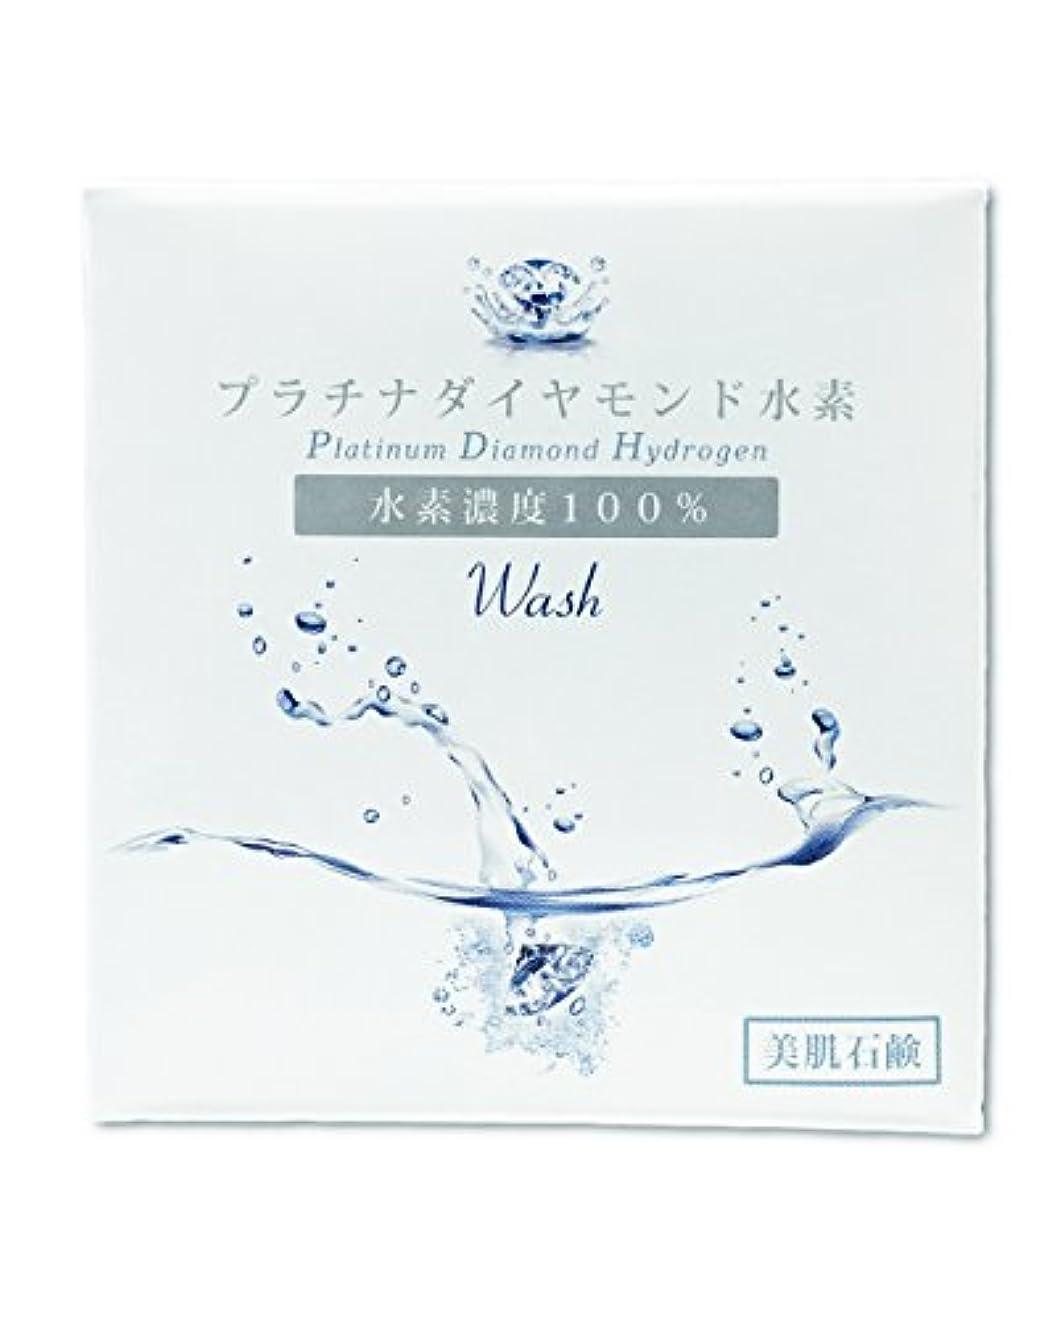 矢印対立ファブリック水素石鹸 プラチナダイヤモンド水素Wash